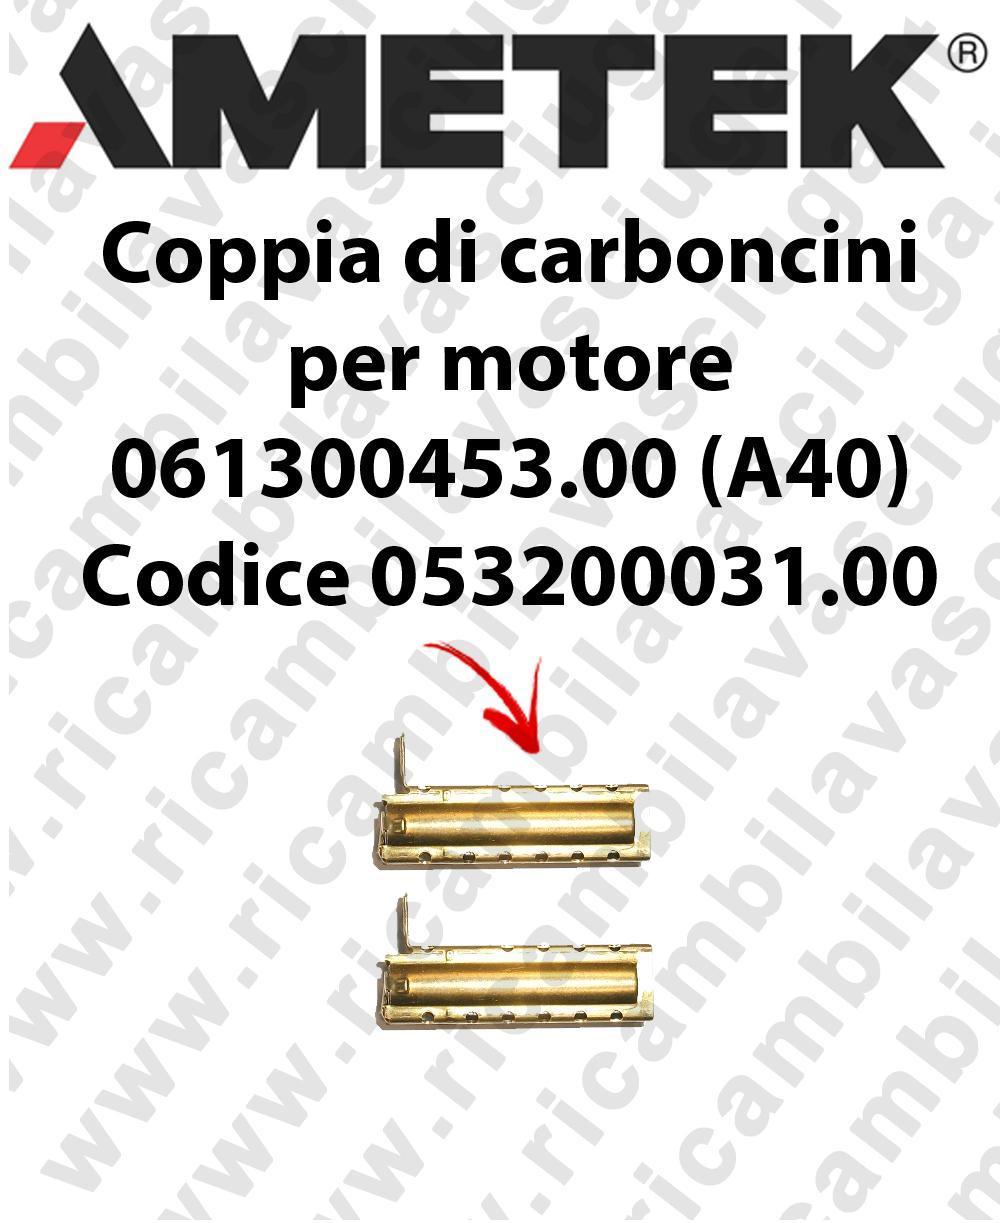 Couple du Carbon moteur aspiration pour moteur Ametek 061300453.00 (A40) Cod: 053200031.00